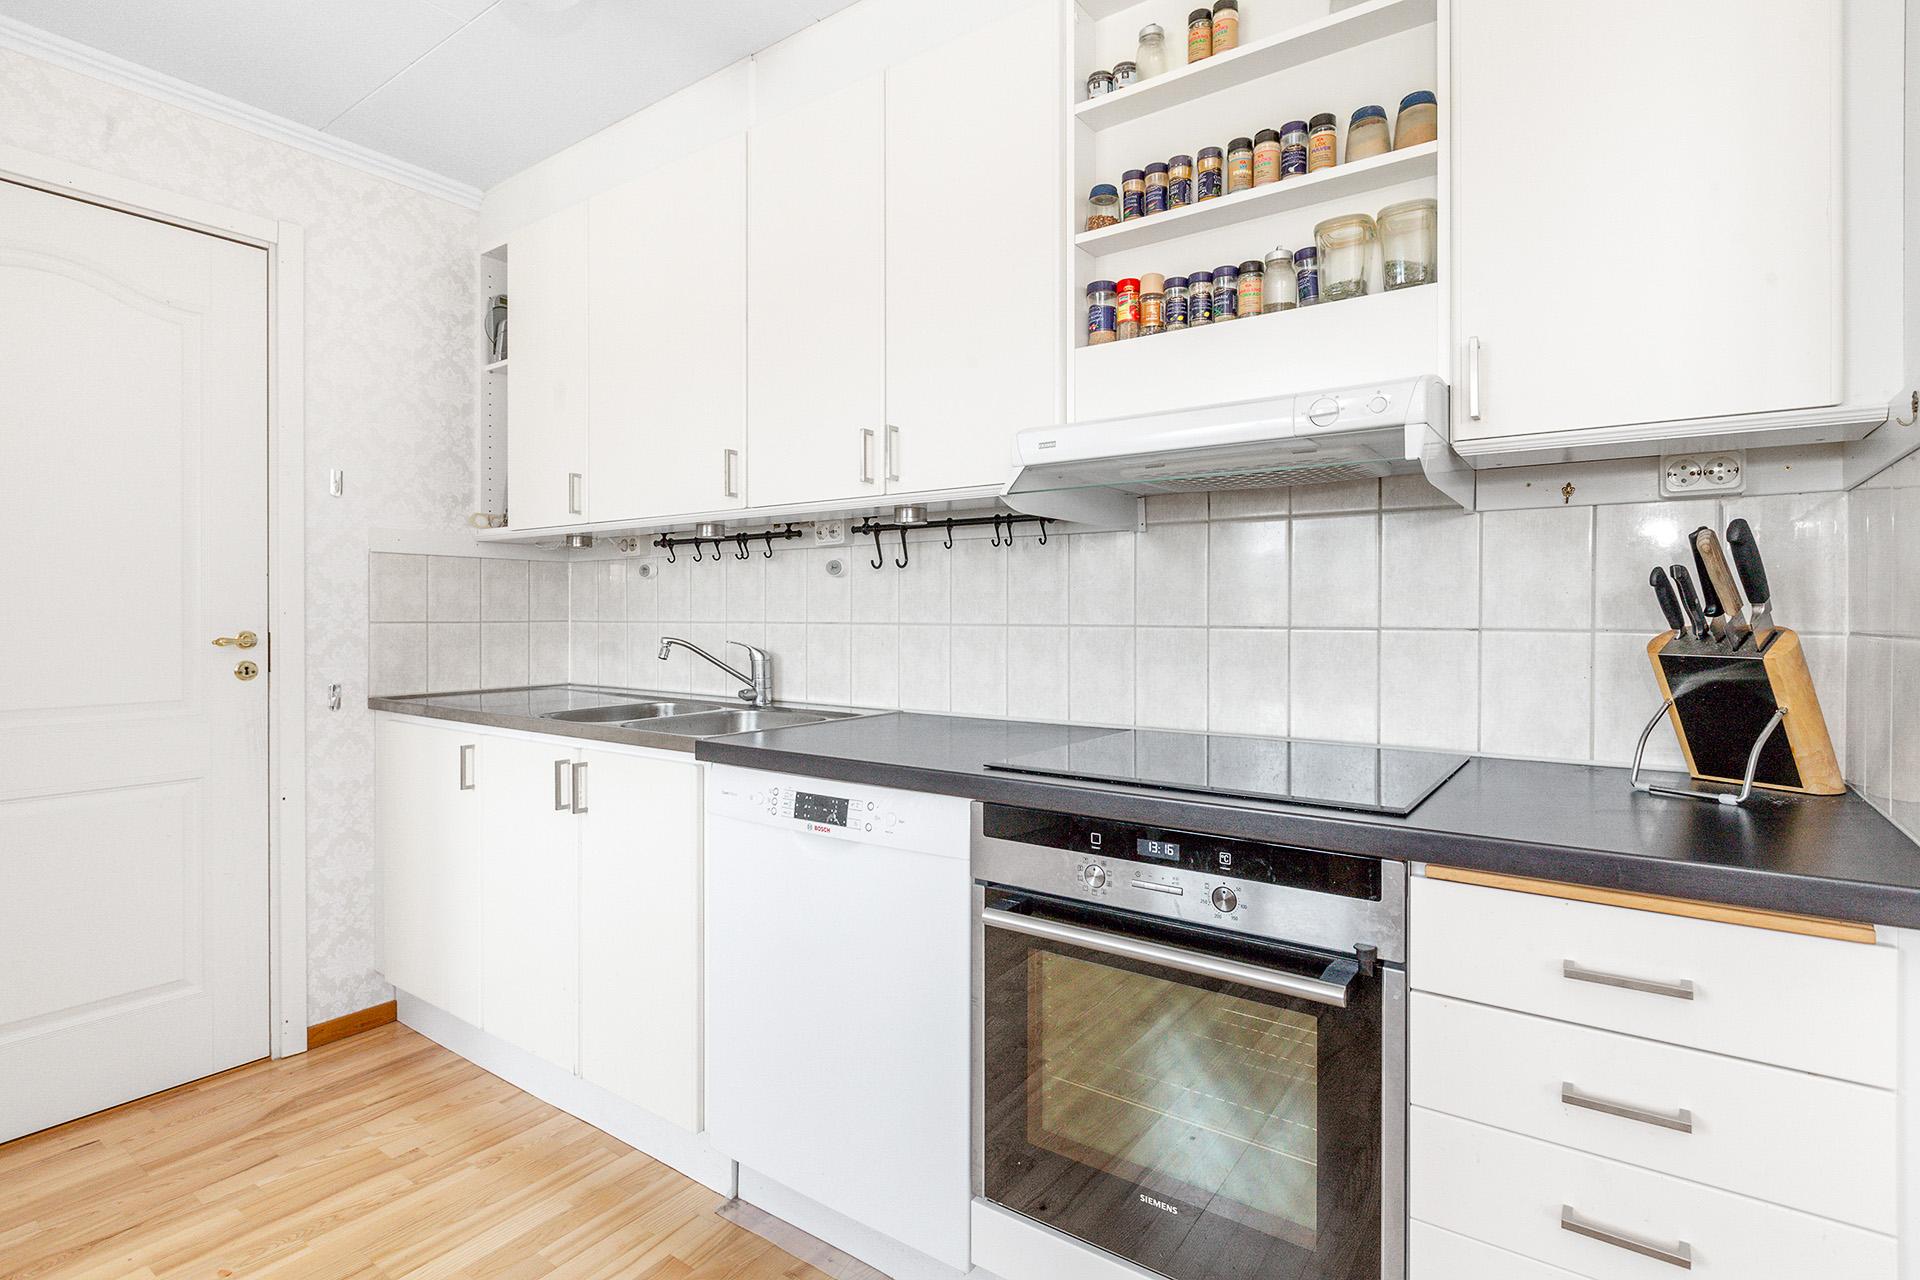 Modernt kök med ljusa materialval